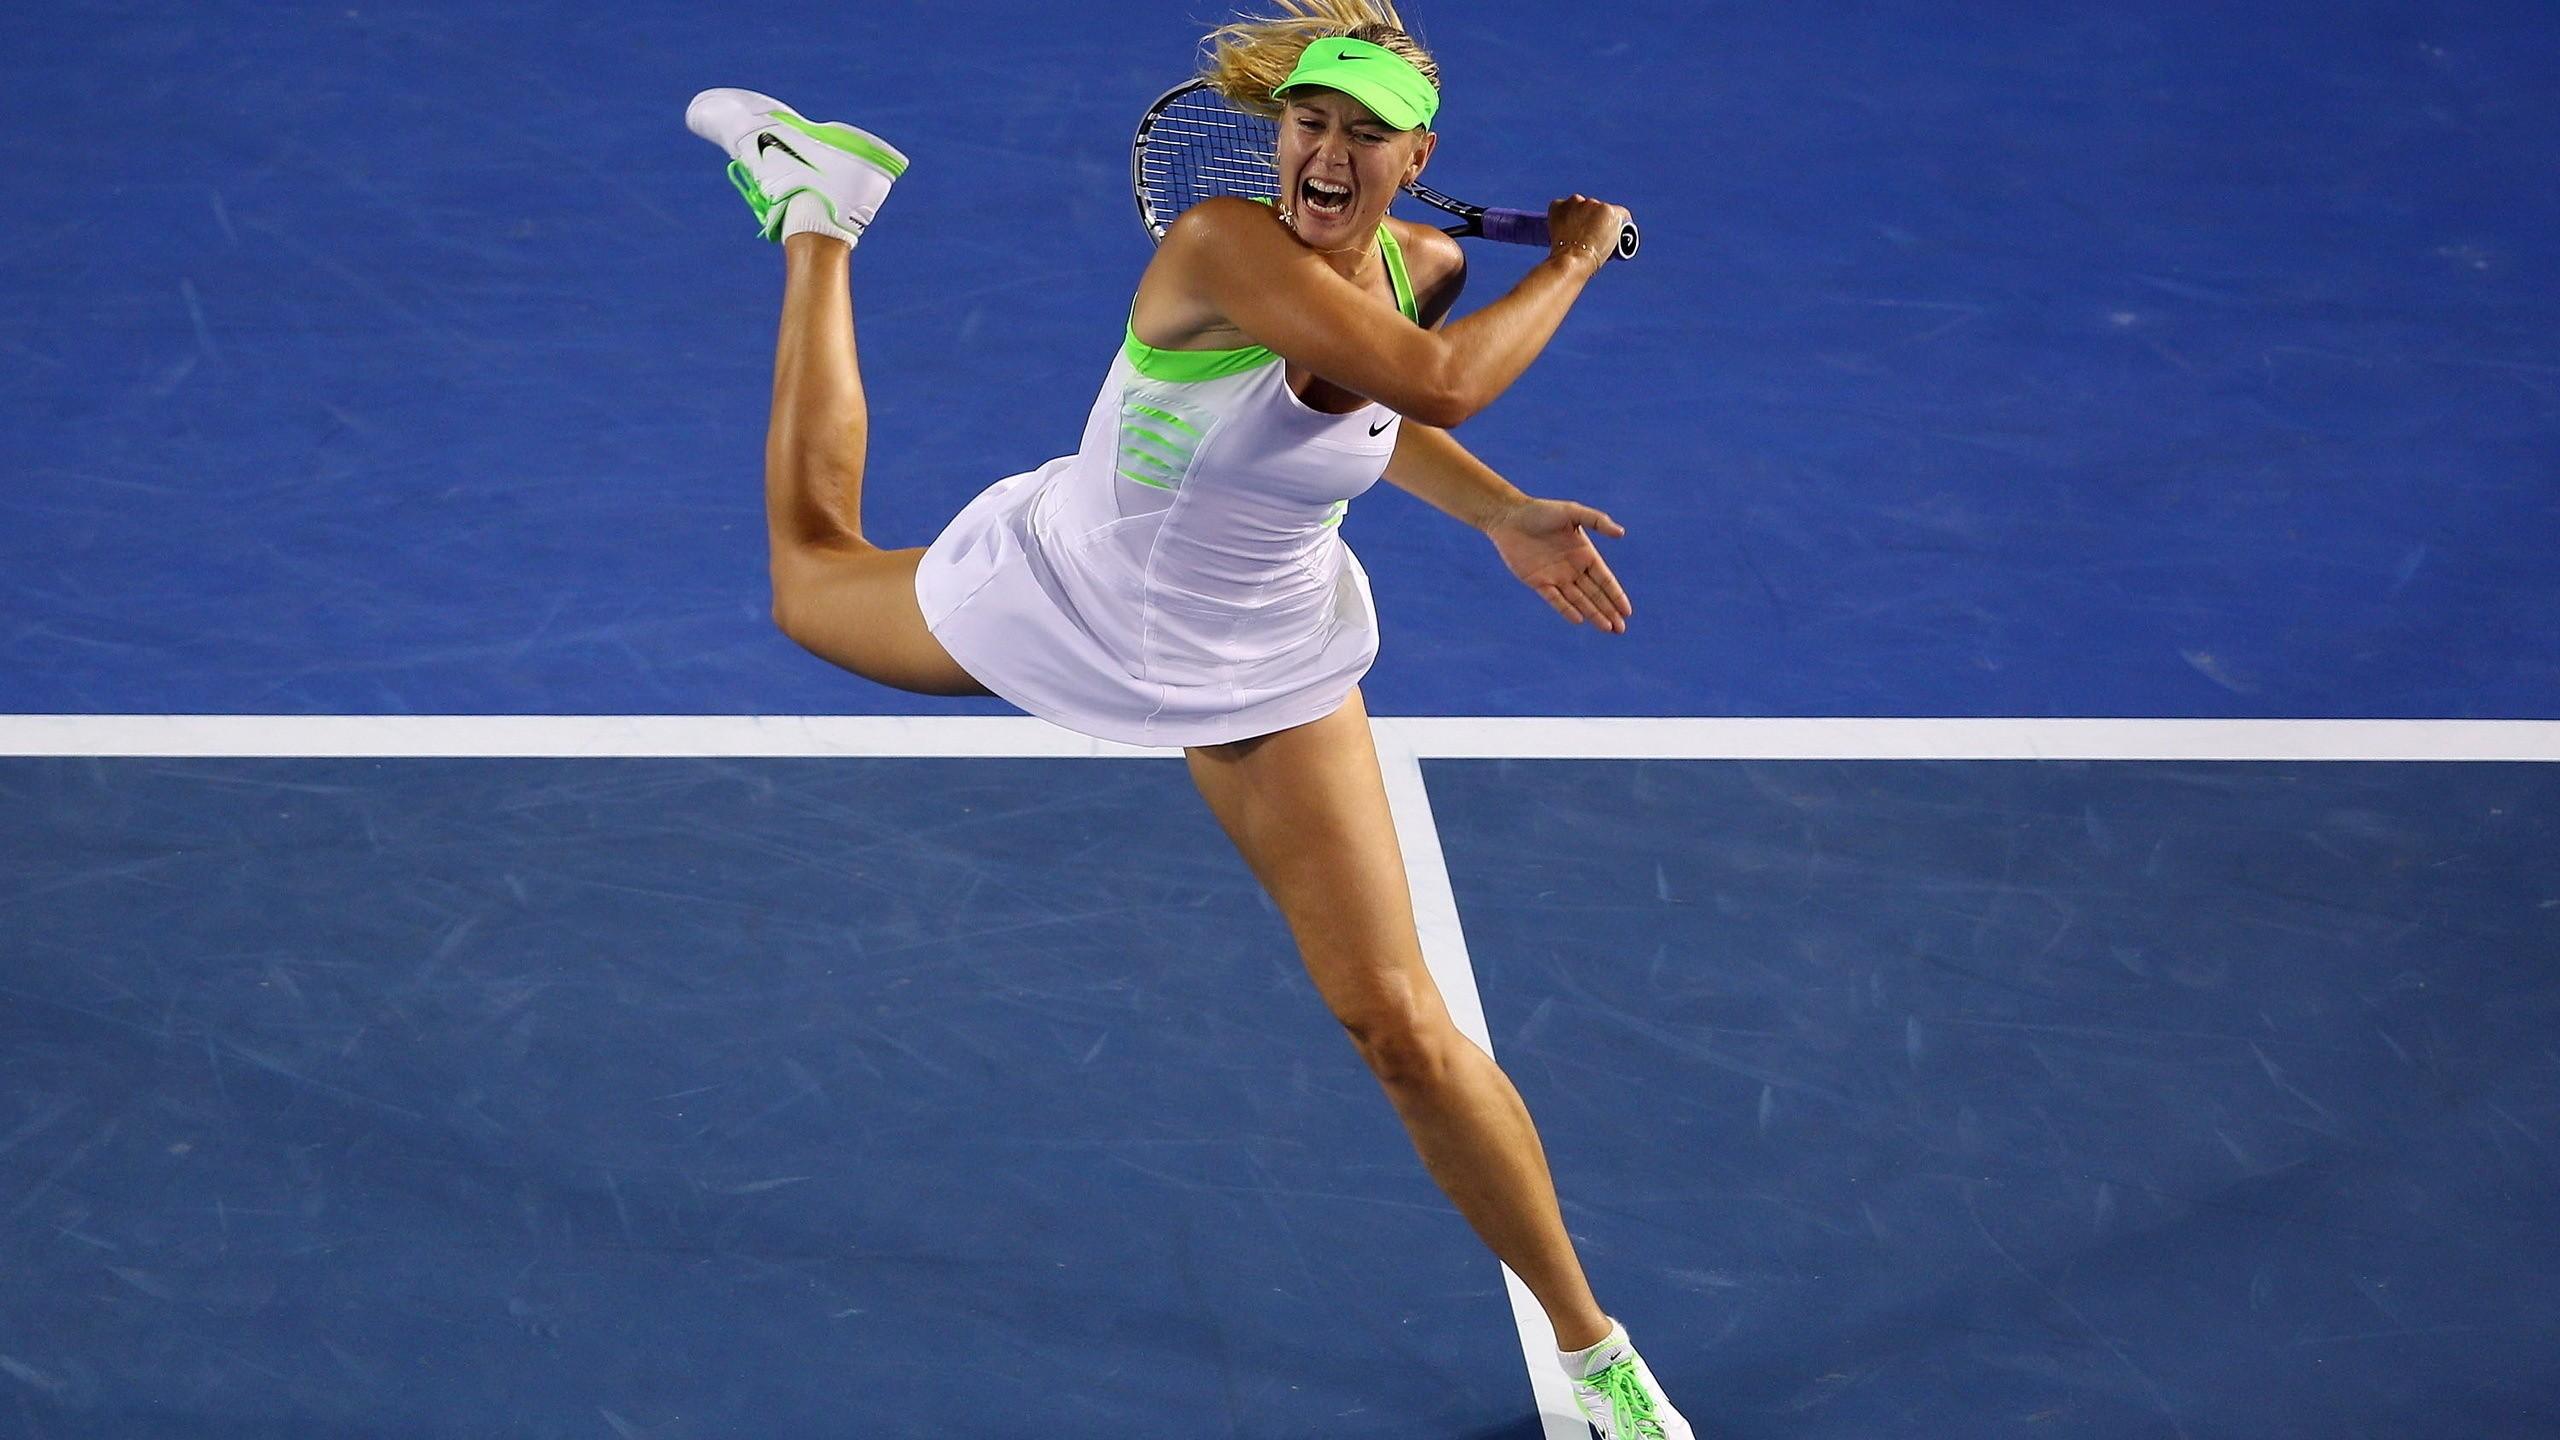 Обои ракетка, Мария шарапова, мяч. Спорт foto 14